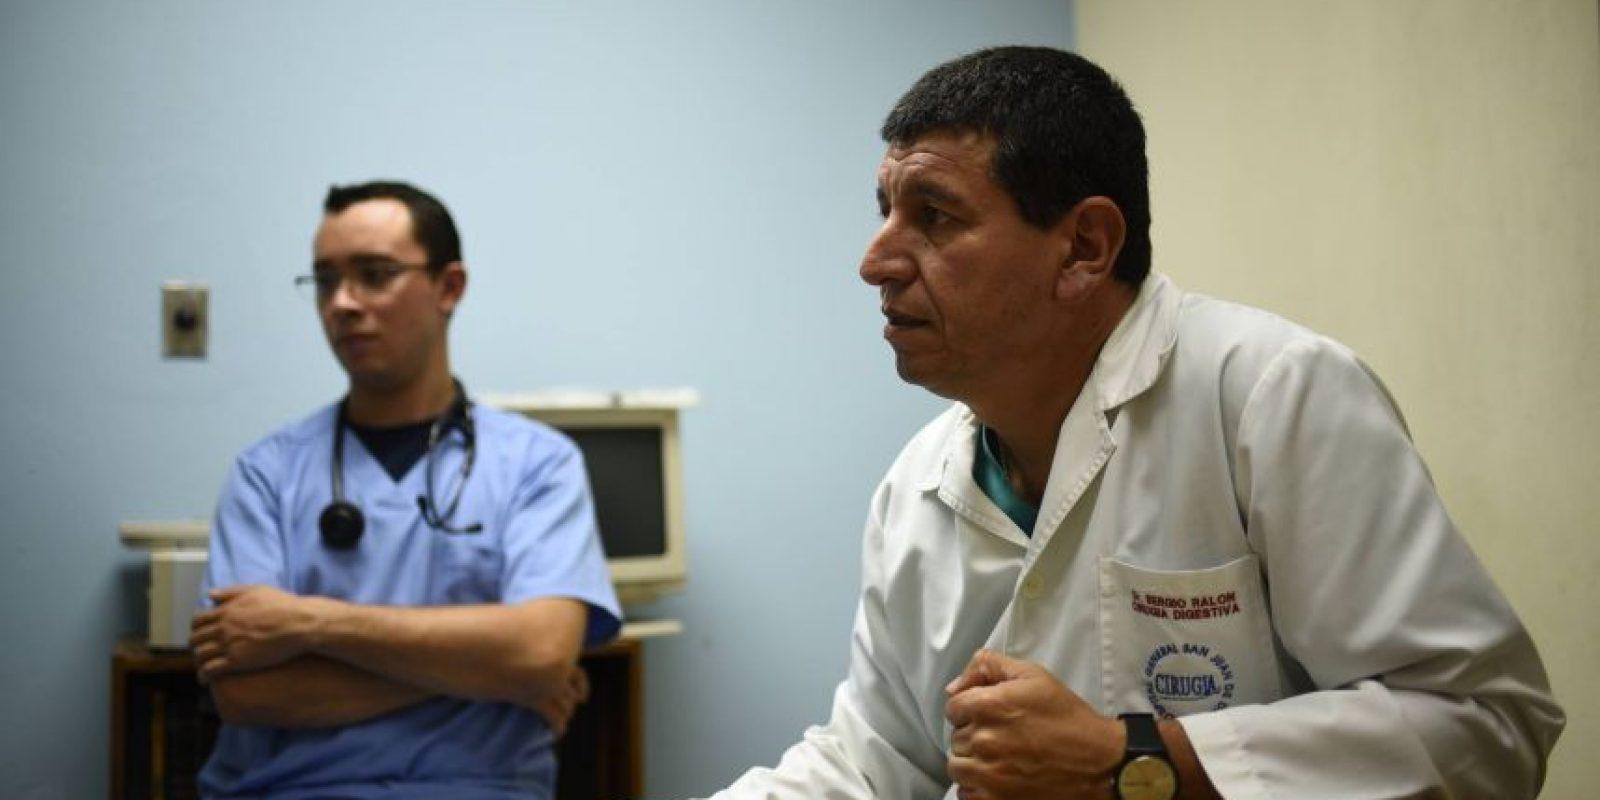 El doctor Sergio Ralón (derecha), jefe de cirugía de la Clínica de mama del Hospital General y el cirujano Esteban Arriaza. Foto:Oliver de Ros